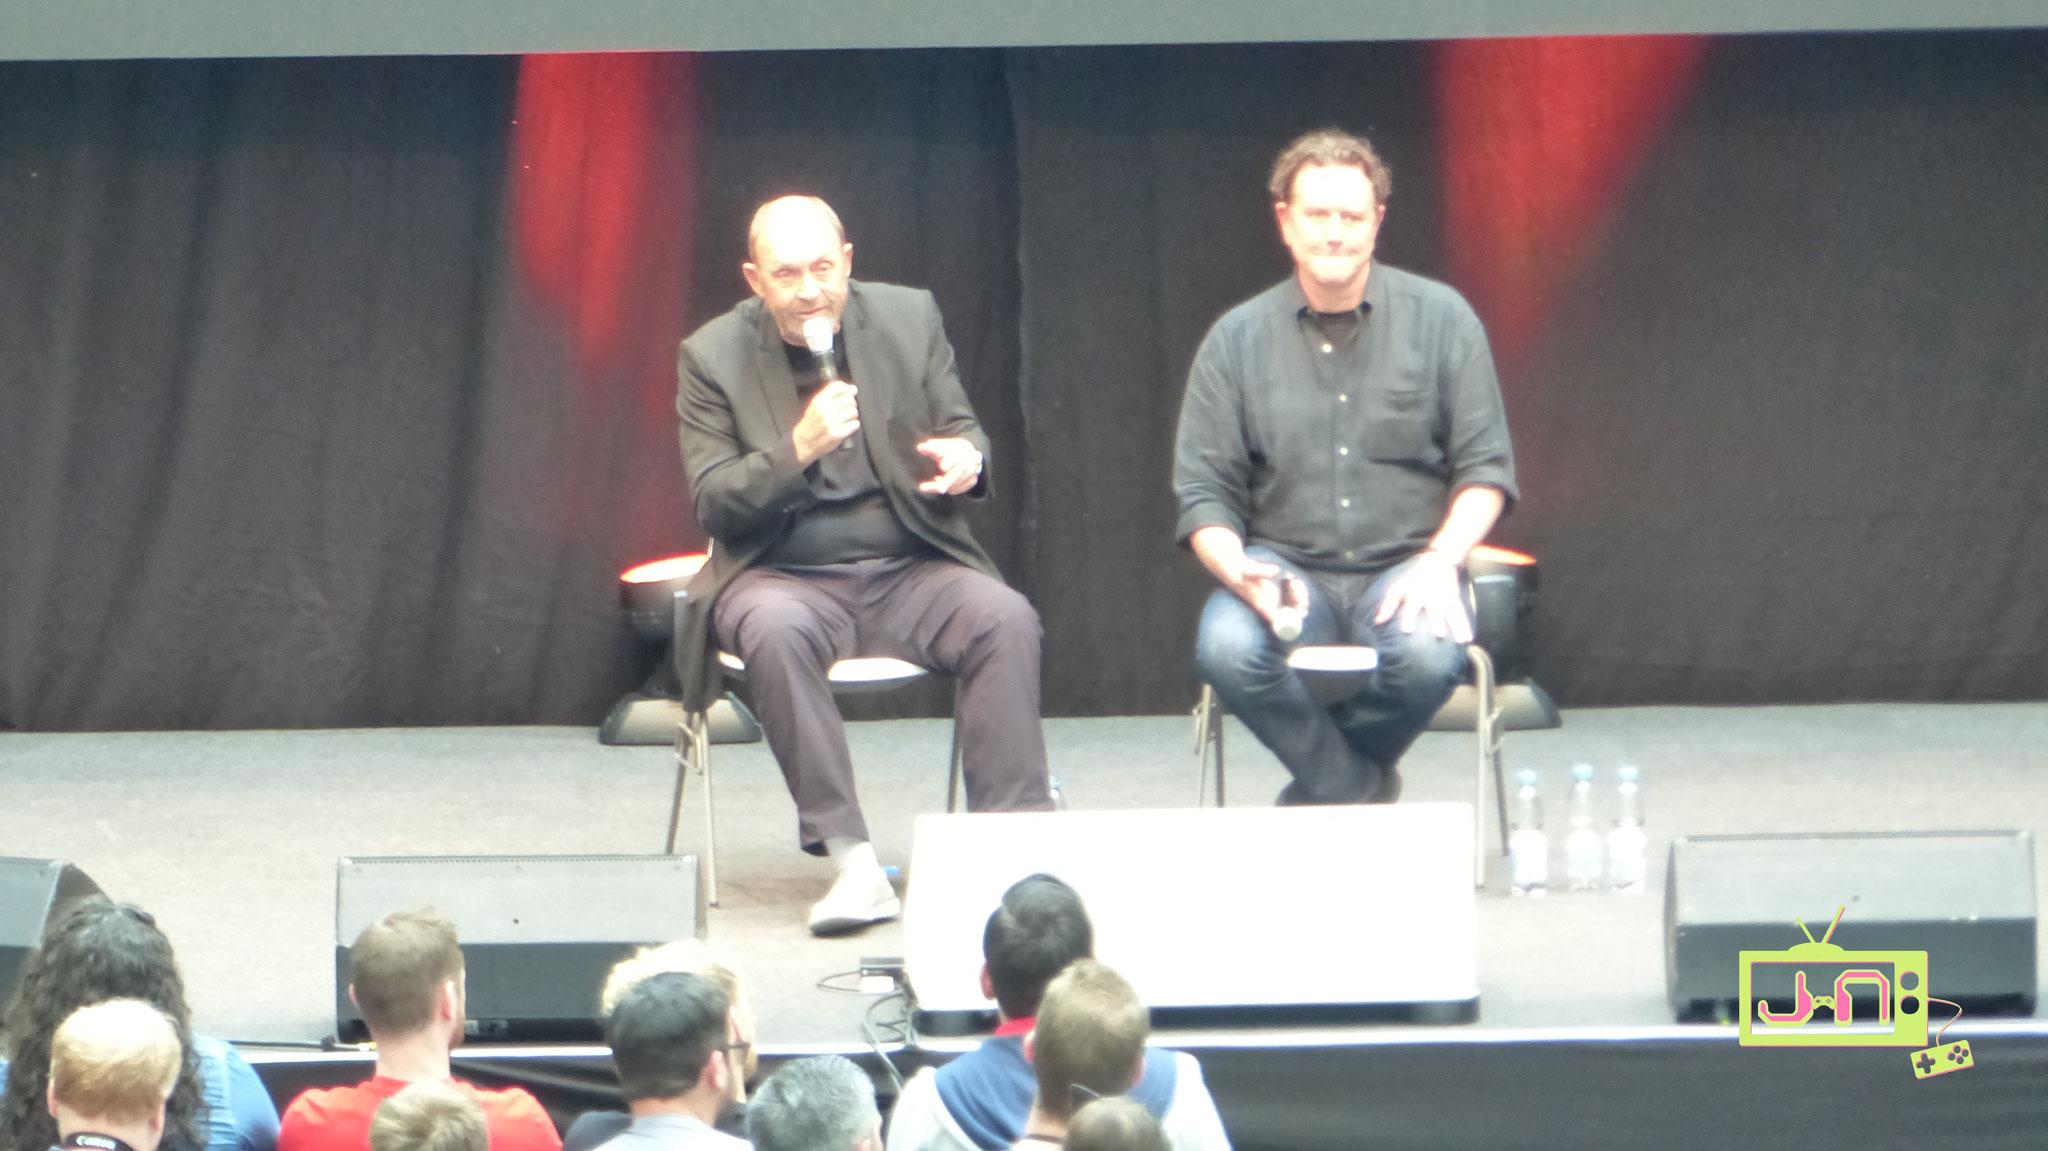 Judge und James beim Interview-Panel, leider keine Ankündigung für Beverly Hills Cop 4